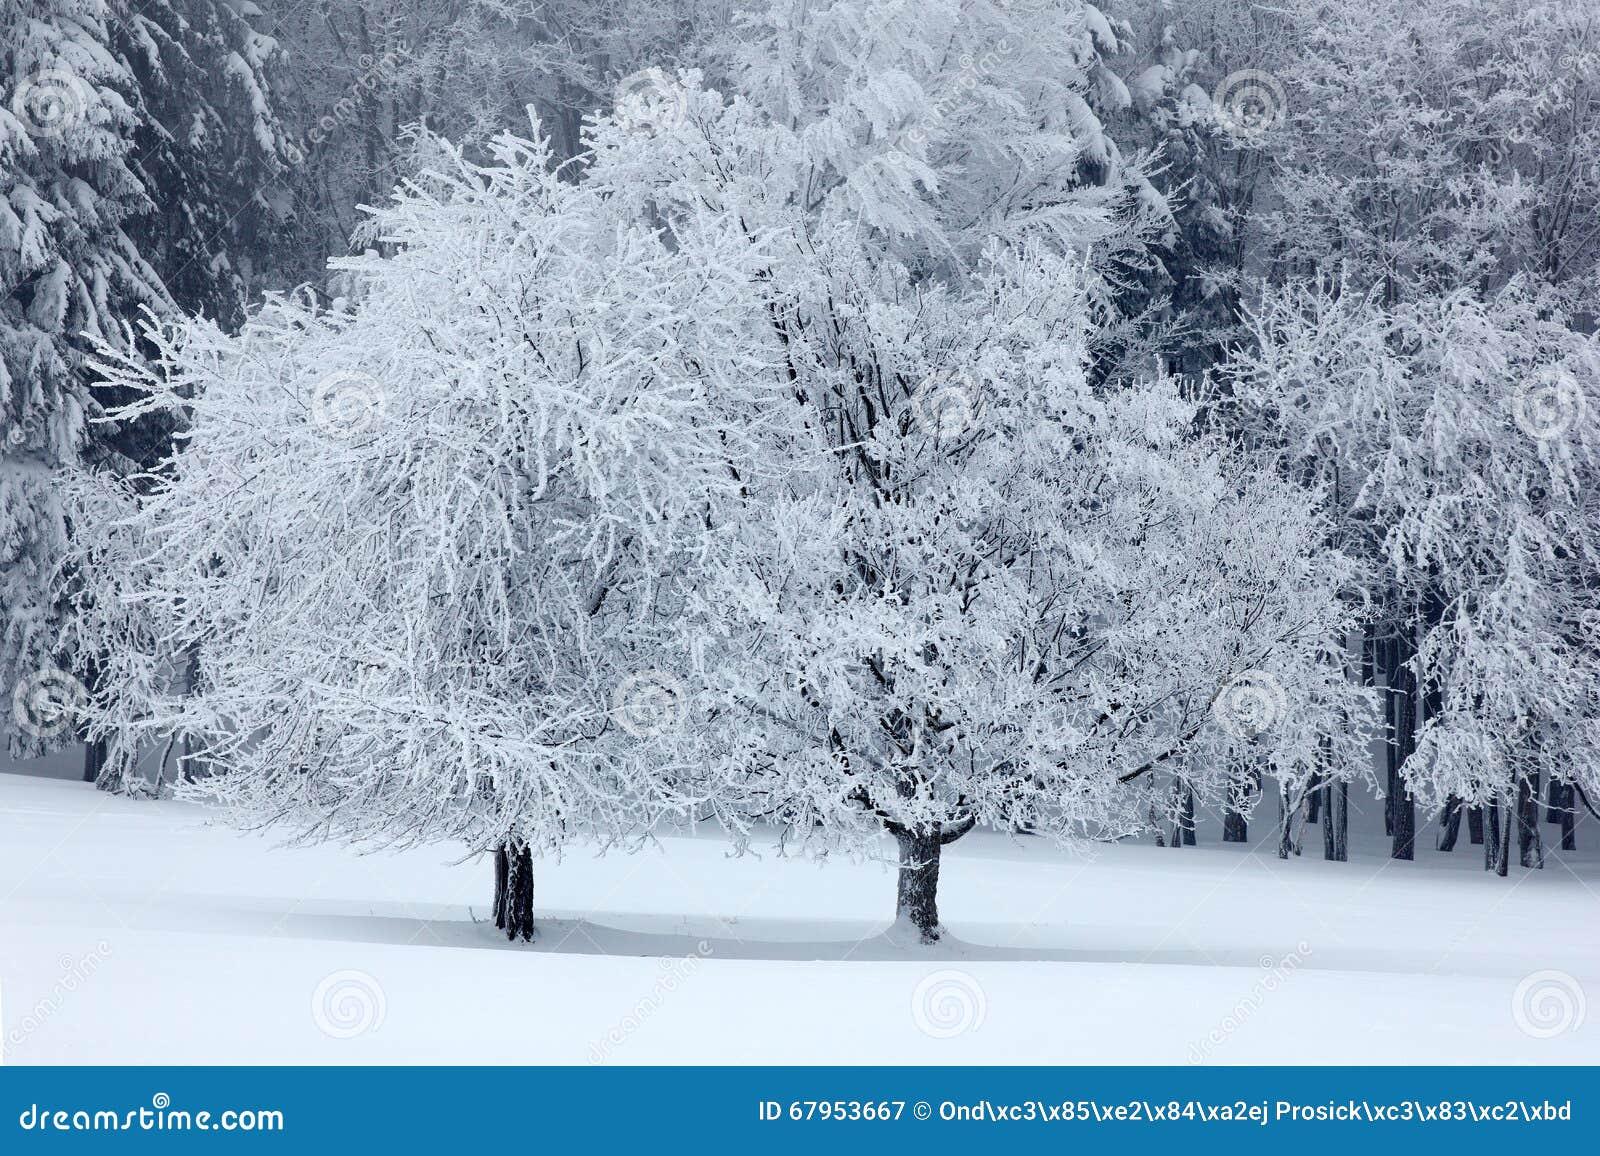 Solitaire boom twee in de winter, sneeuwlandschap met sneeuw en mist, wit bos in backgroud